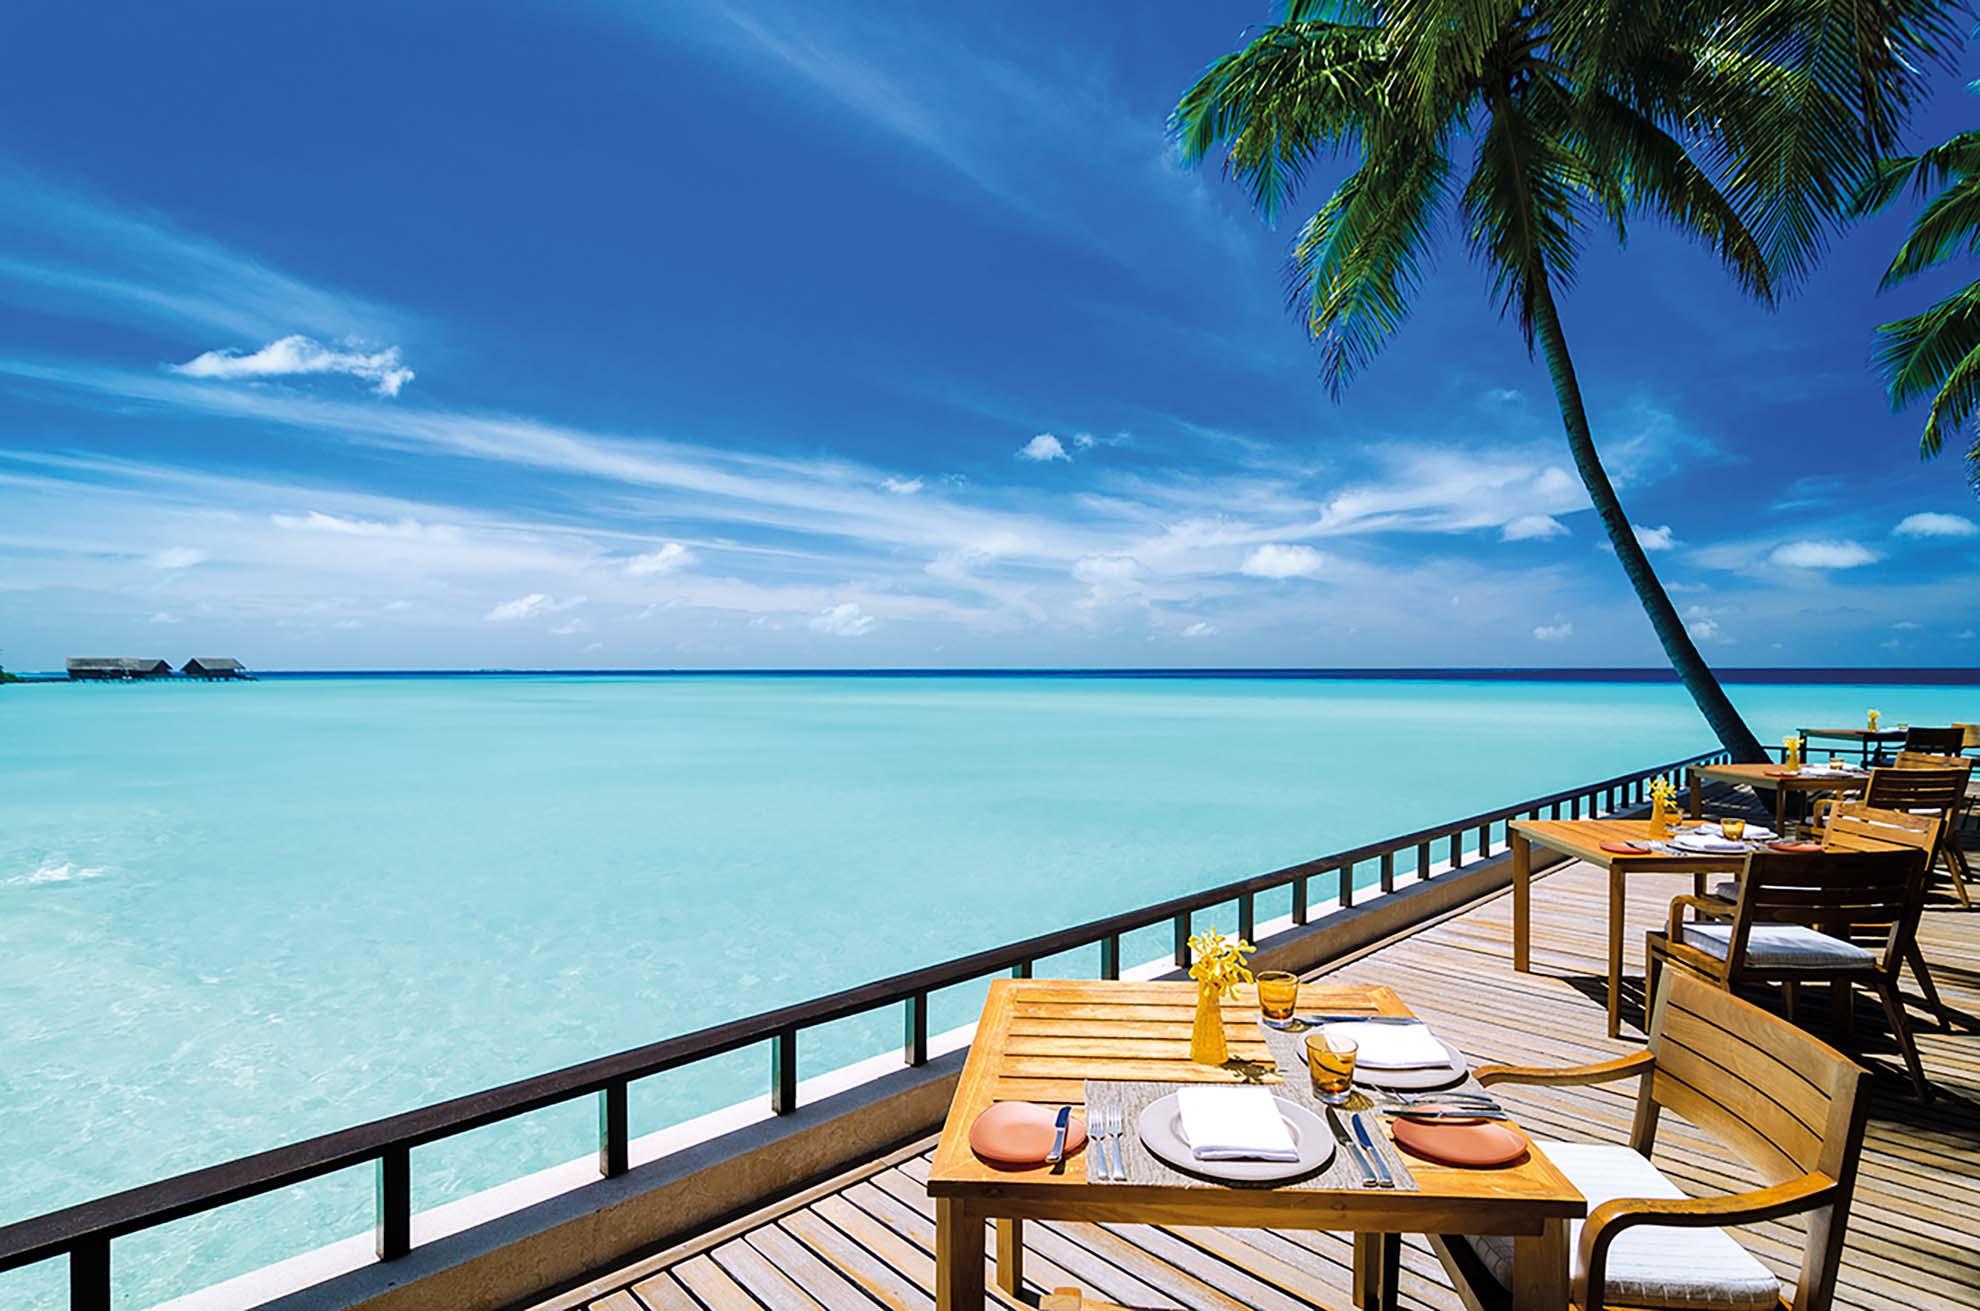 reethi_rah_maldives_dining_31_08_2016_5945hr